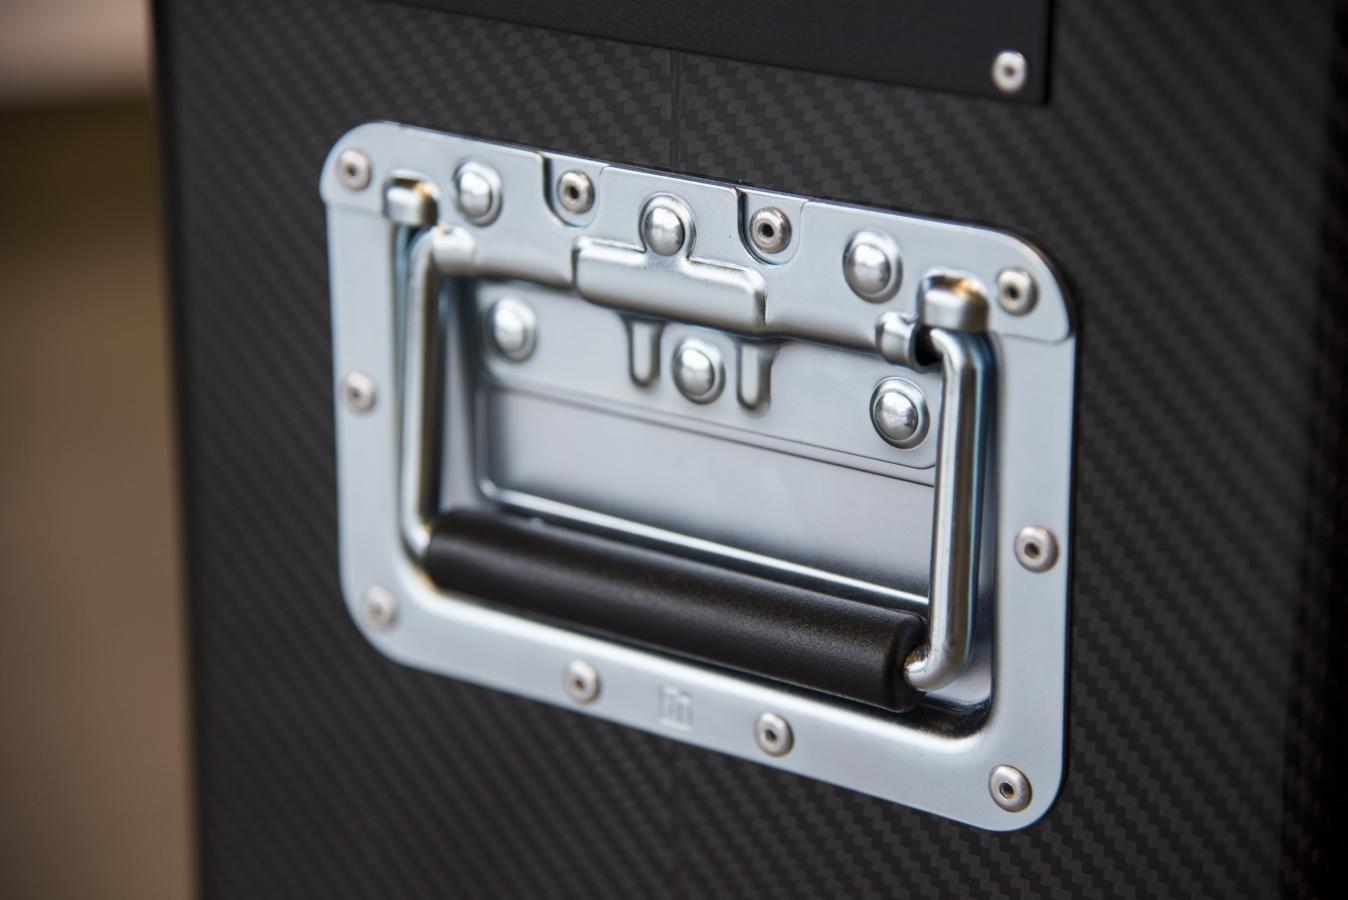 Vibra Go - apparecchiatura elettromedicale portatile